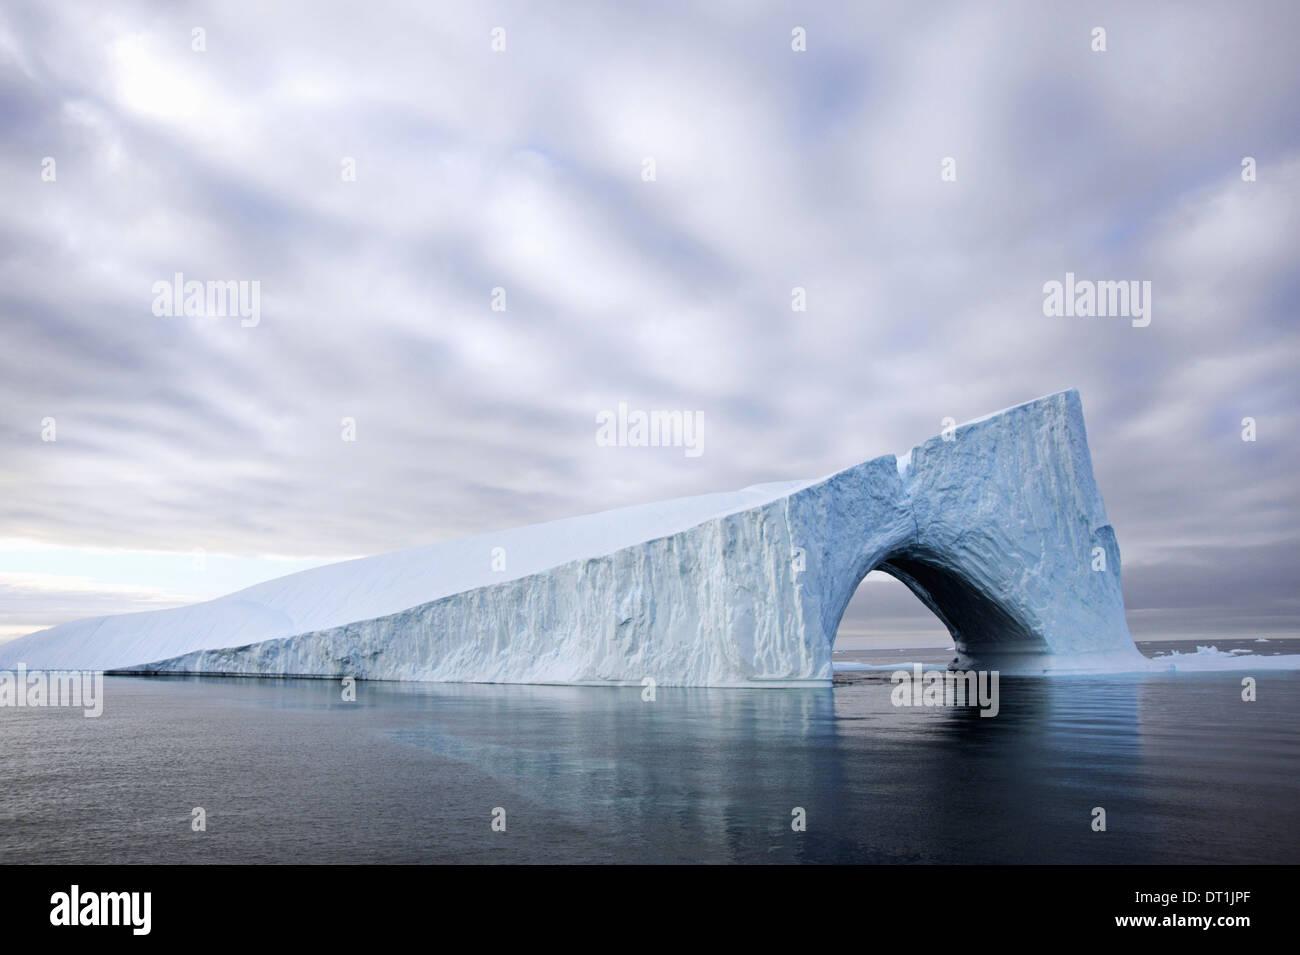 Les icebergs près du Groenland dans la baie de Baffin Photo Stock